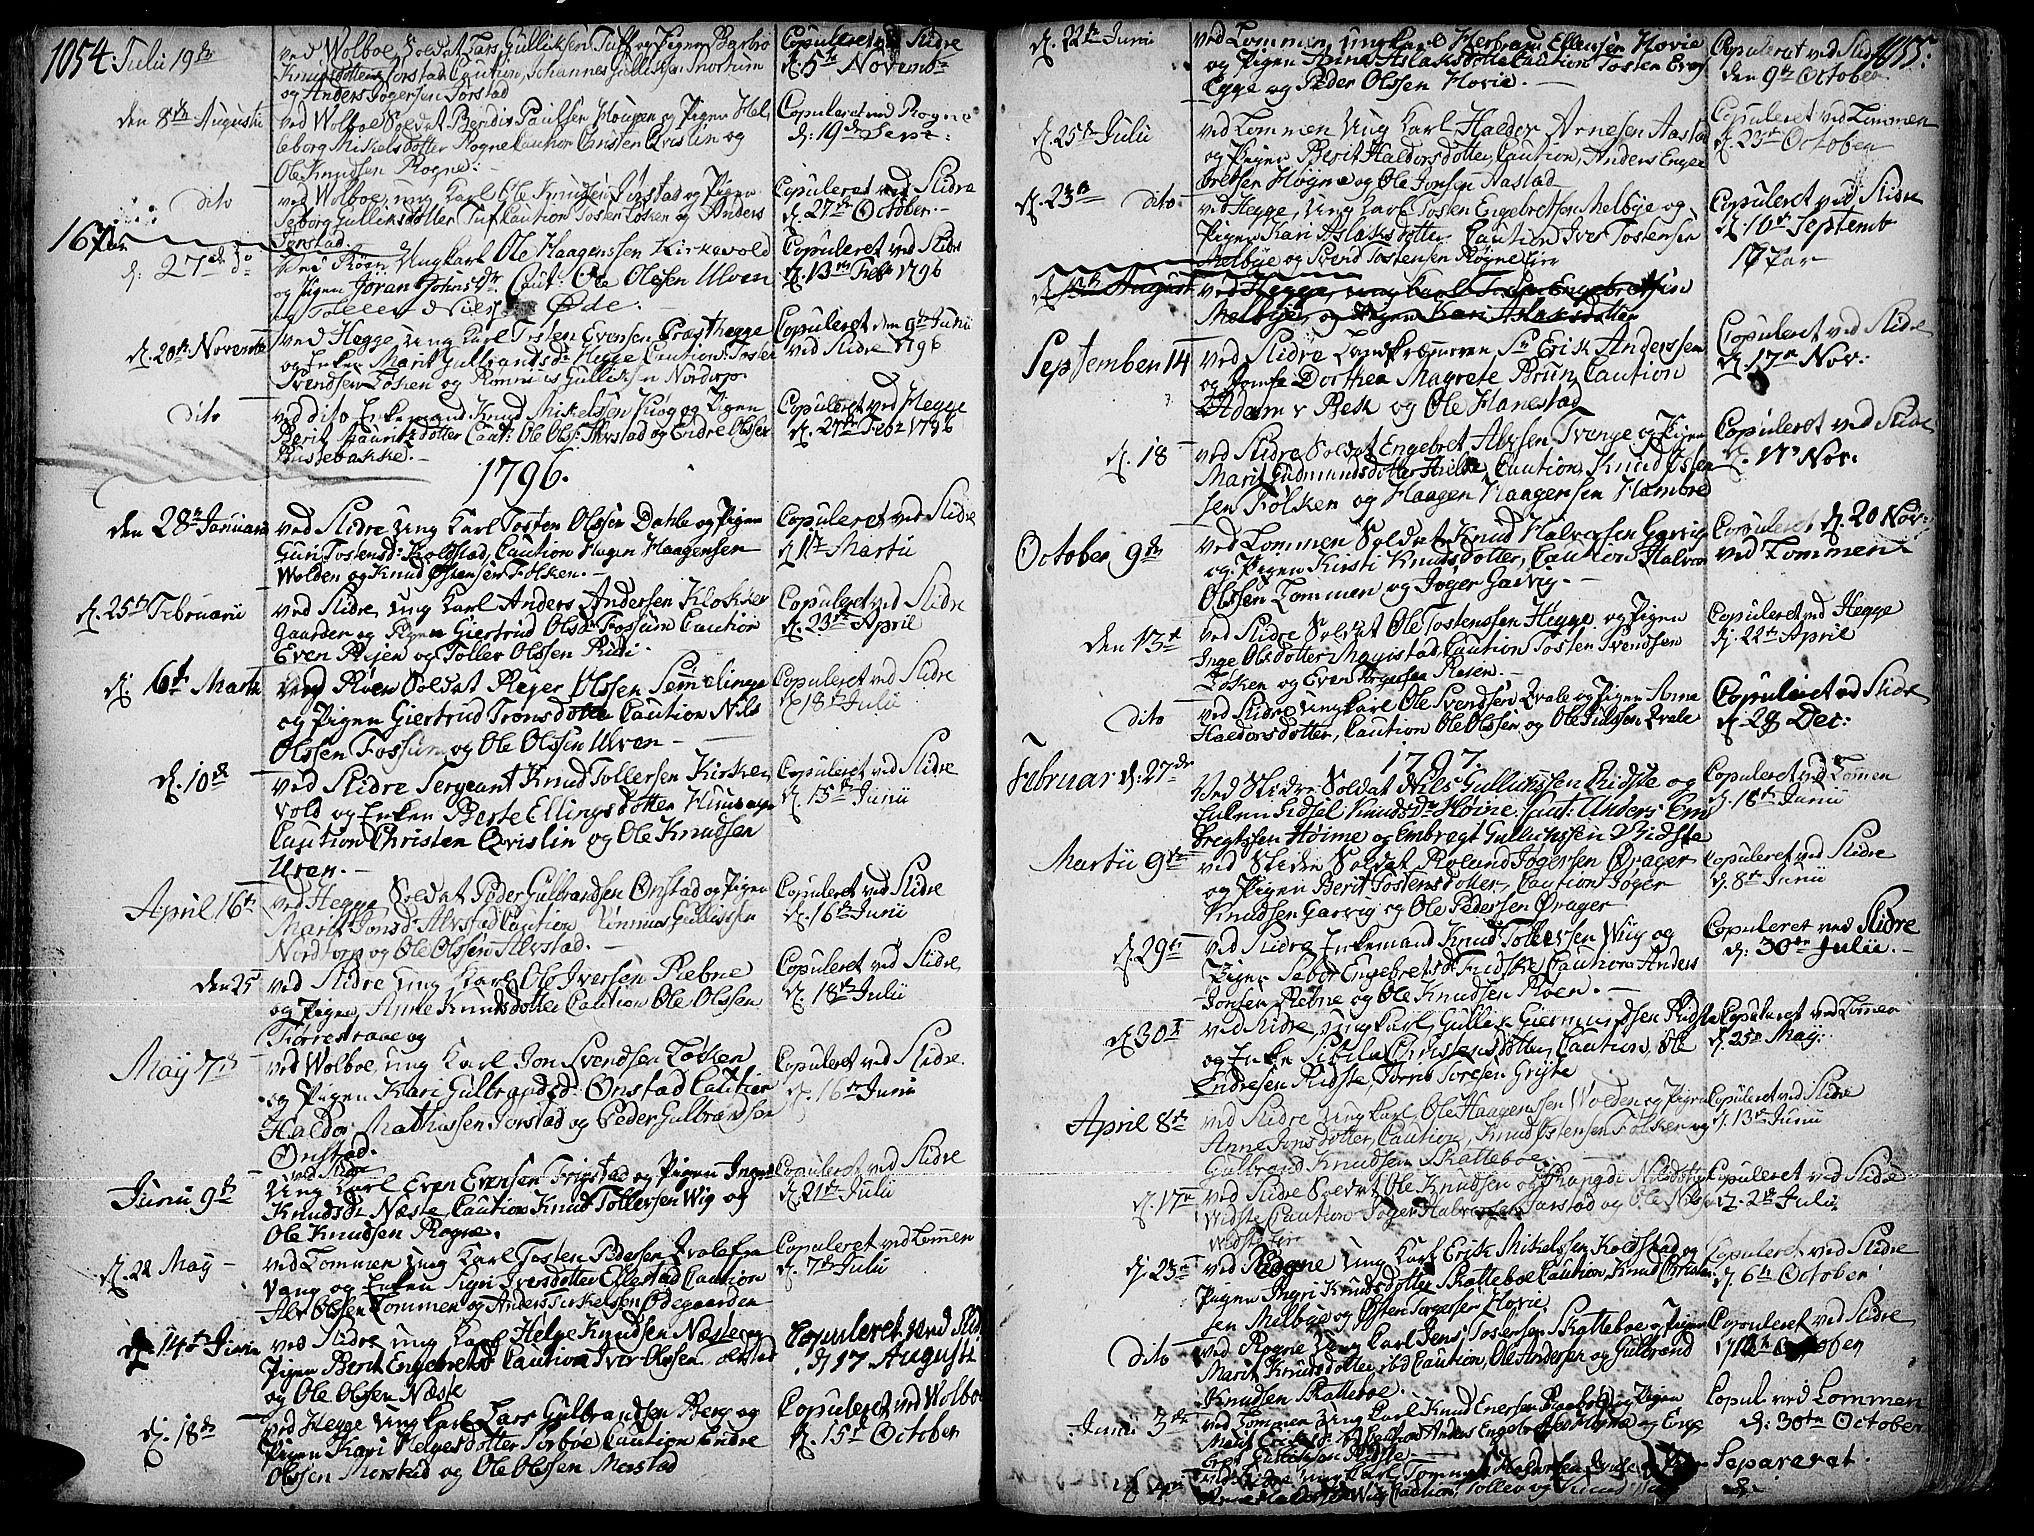 SAH, Slidre prestekontor, Ministerialbok nr. 1, 1724-1814, s. 1054-1055